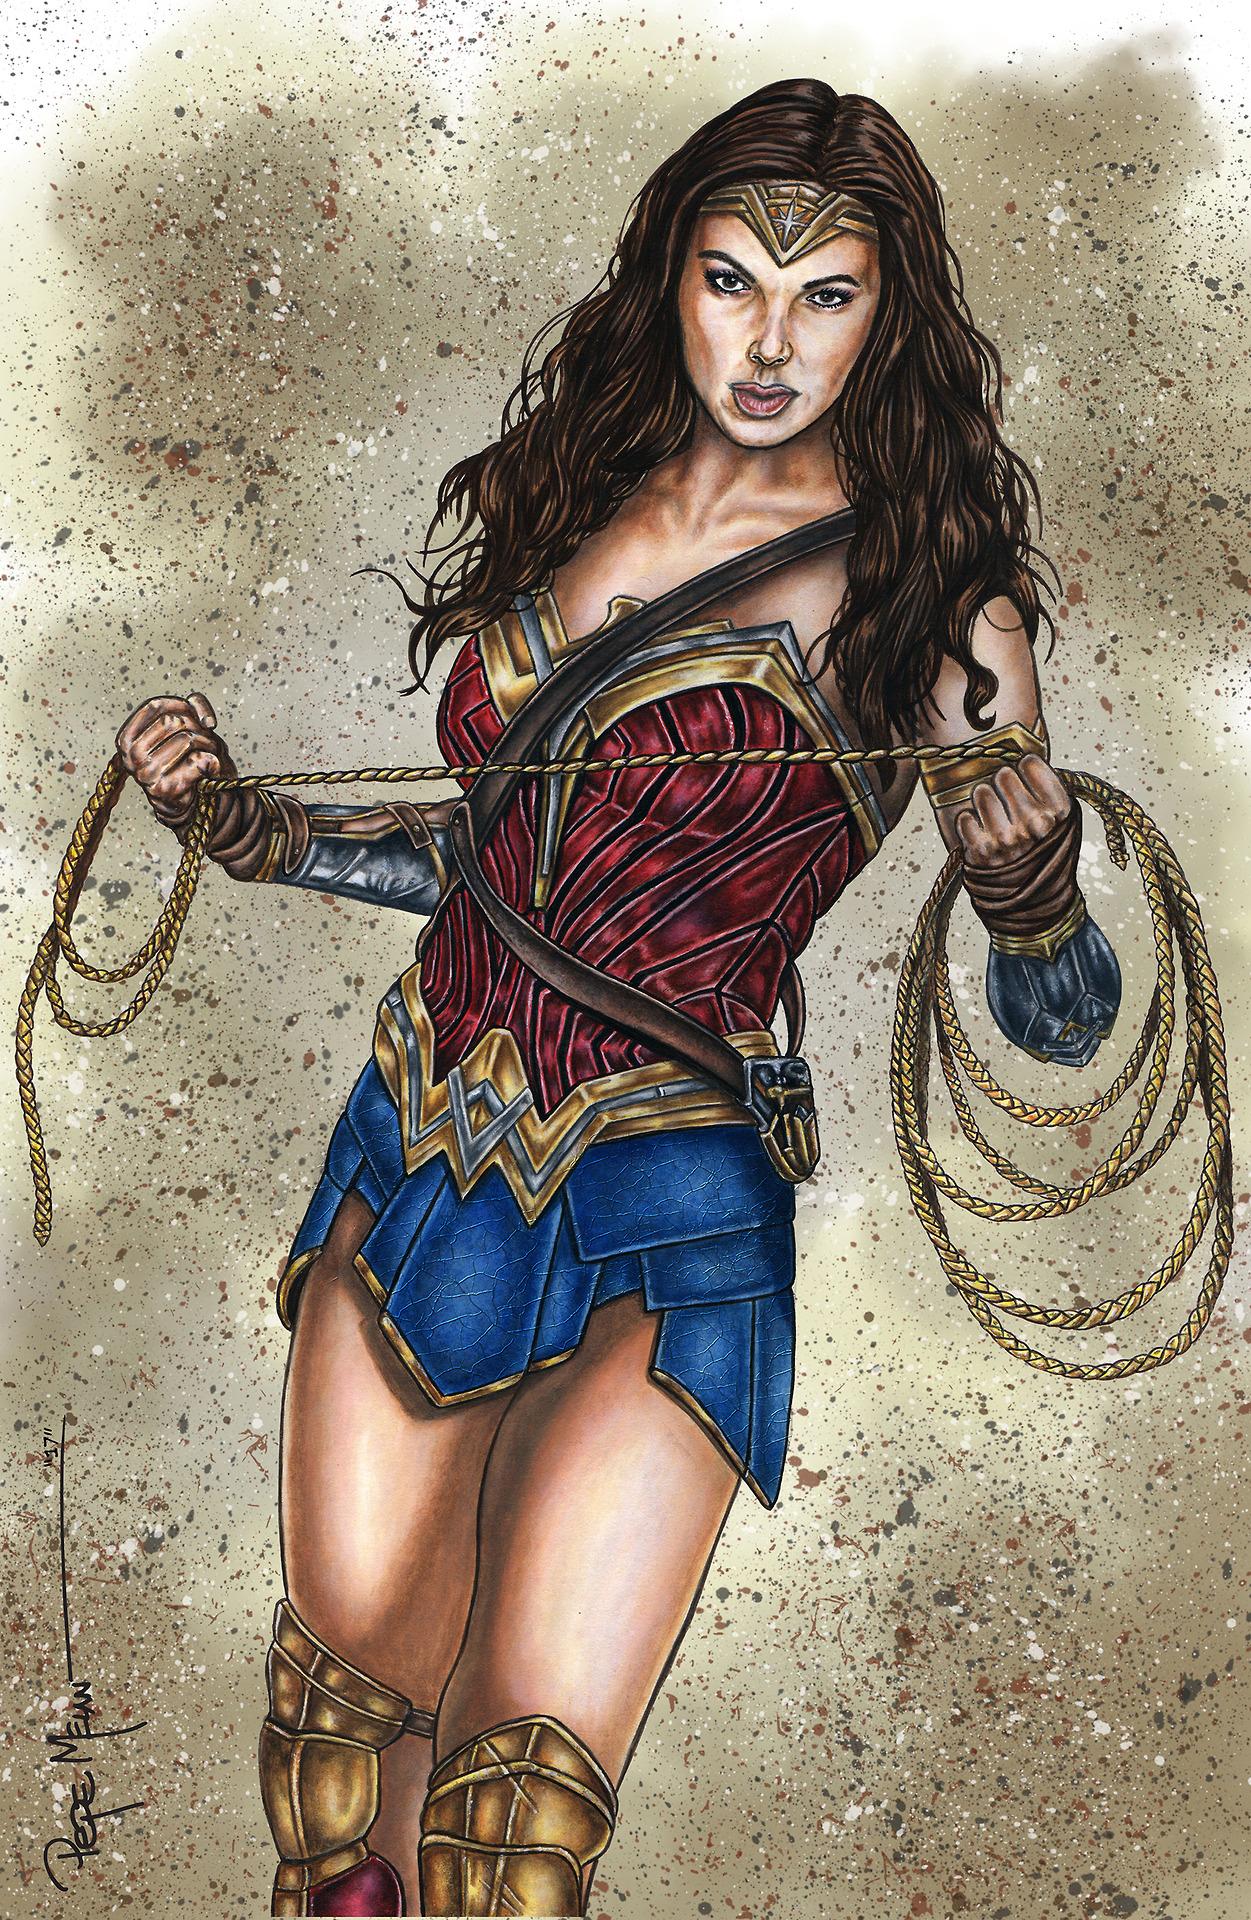 Φωτογραφία: Η Wonder Woman